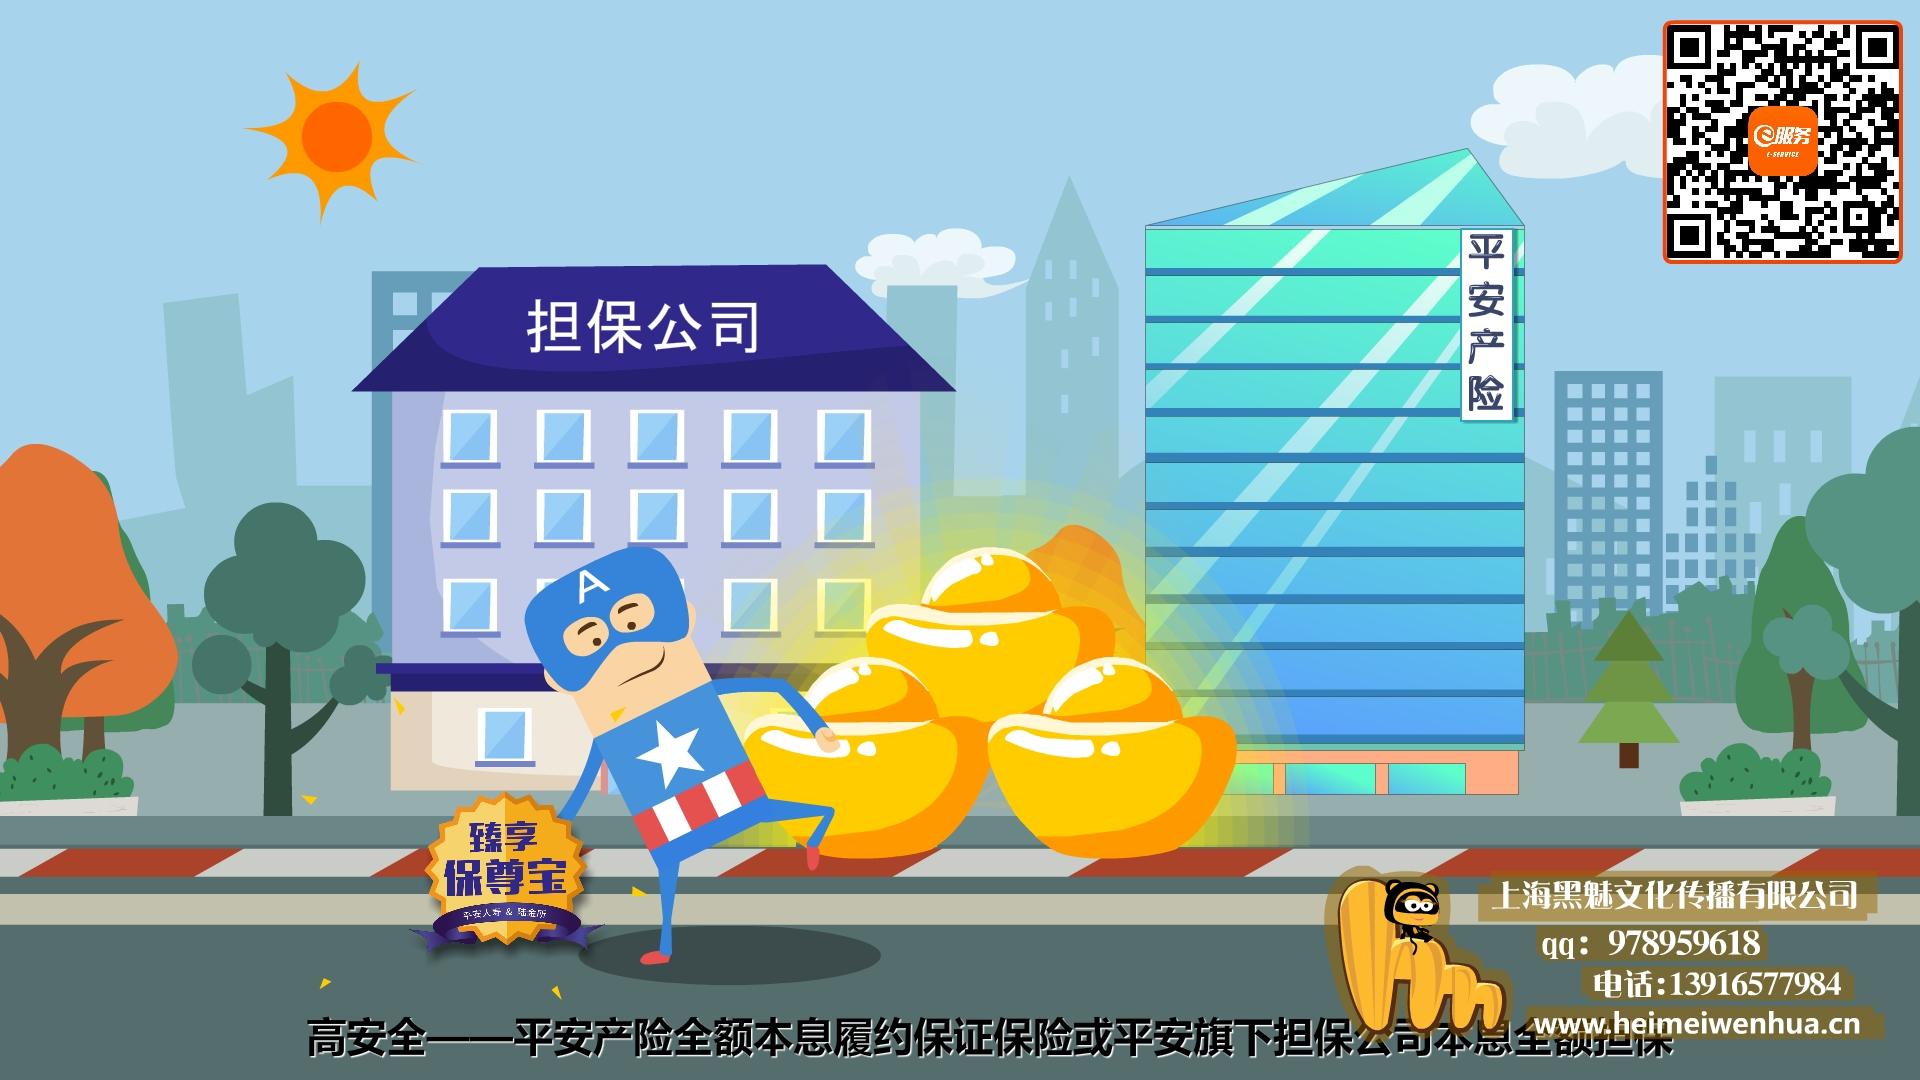 上海flash课件制作公司告诉你怎么制作课件动画